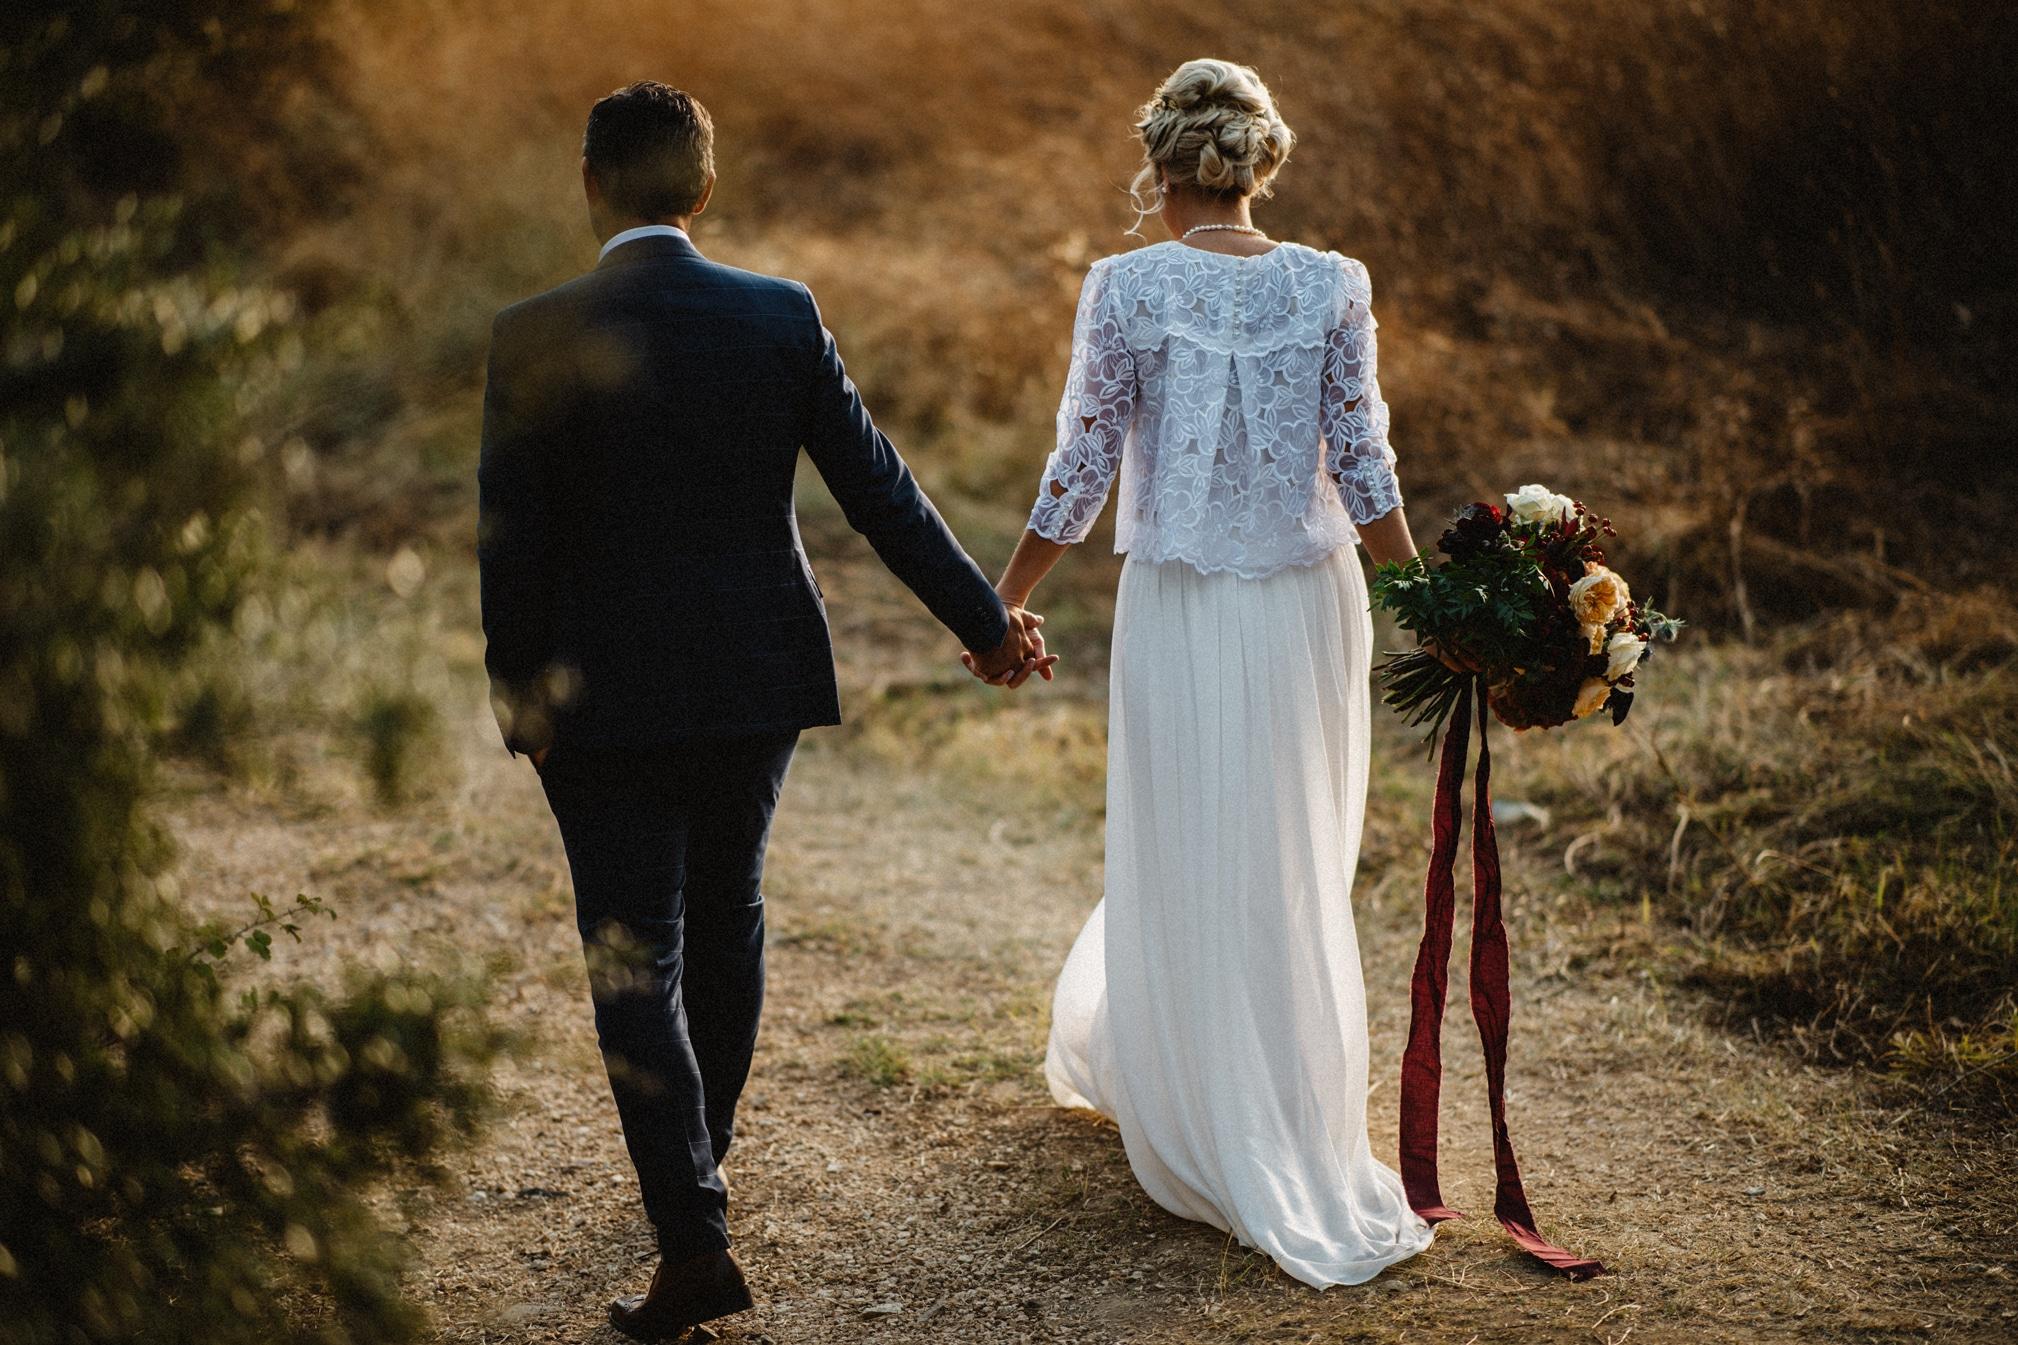 Royal Peter and autumn wedding photos